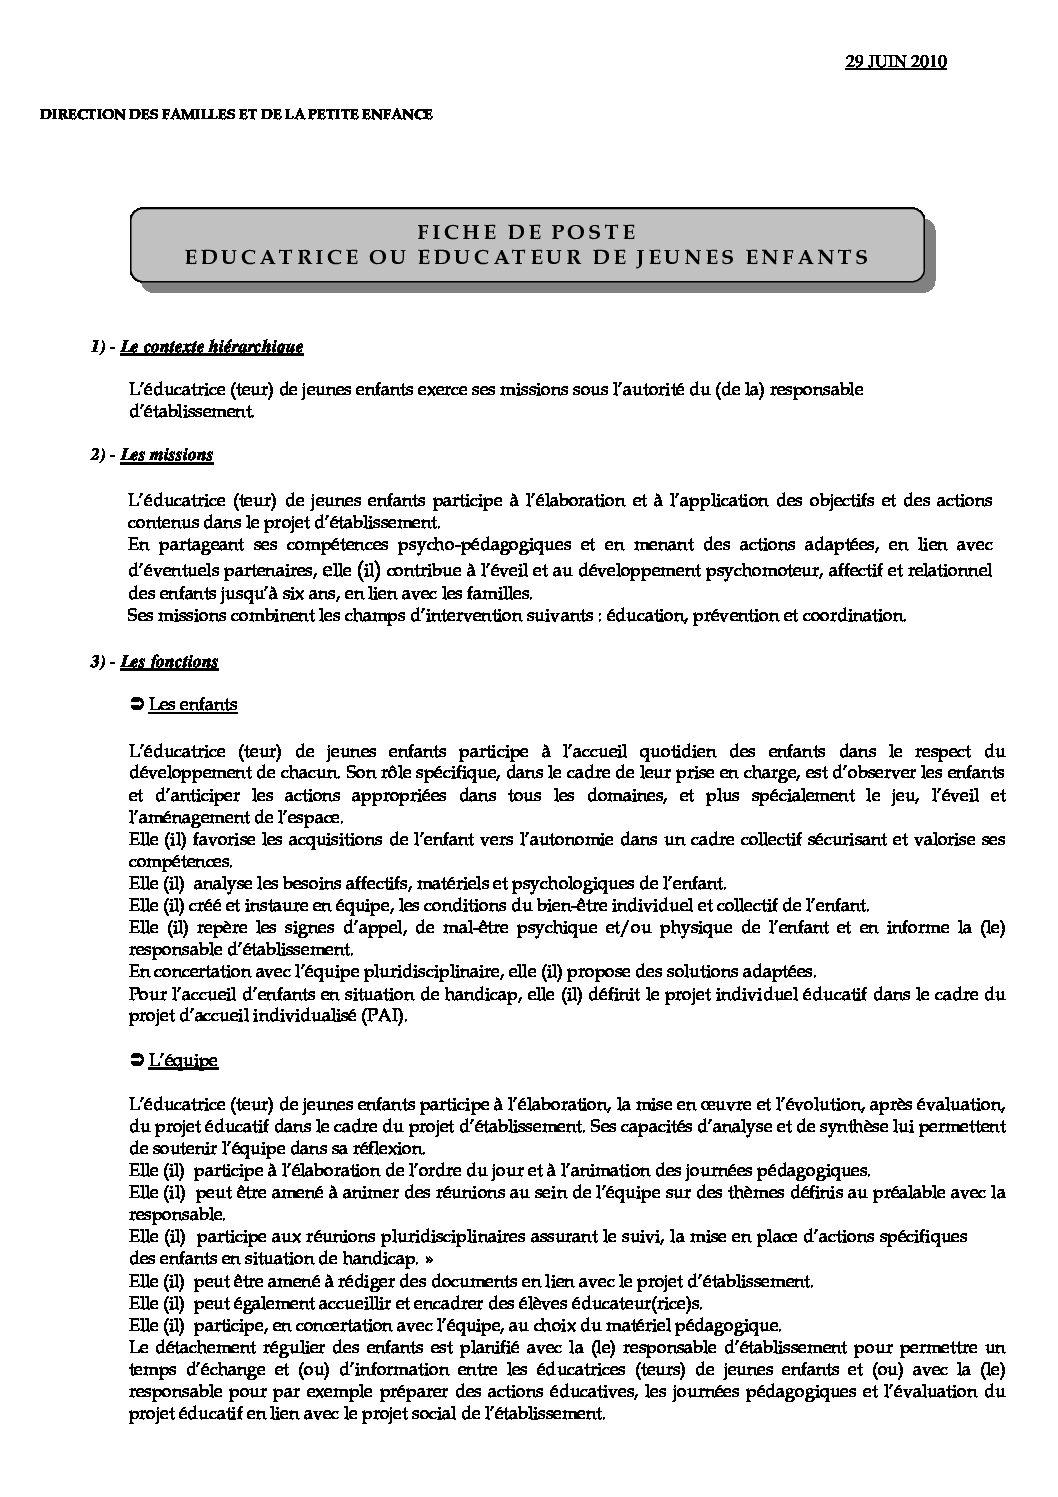 FICHES DE POSTES - CGT Petite enfance Ville de Paris